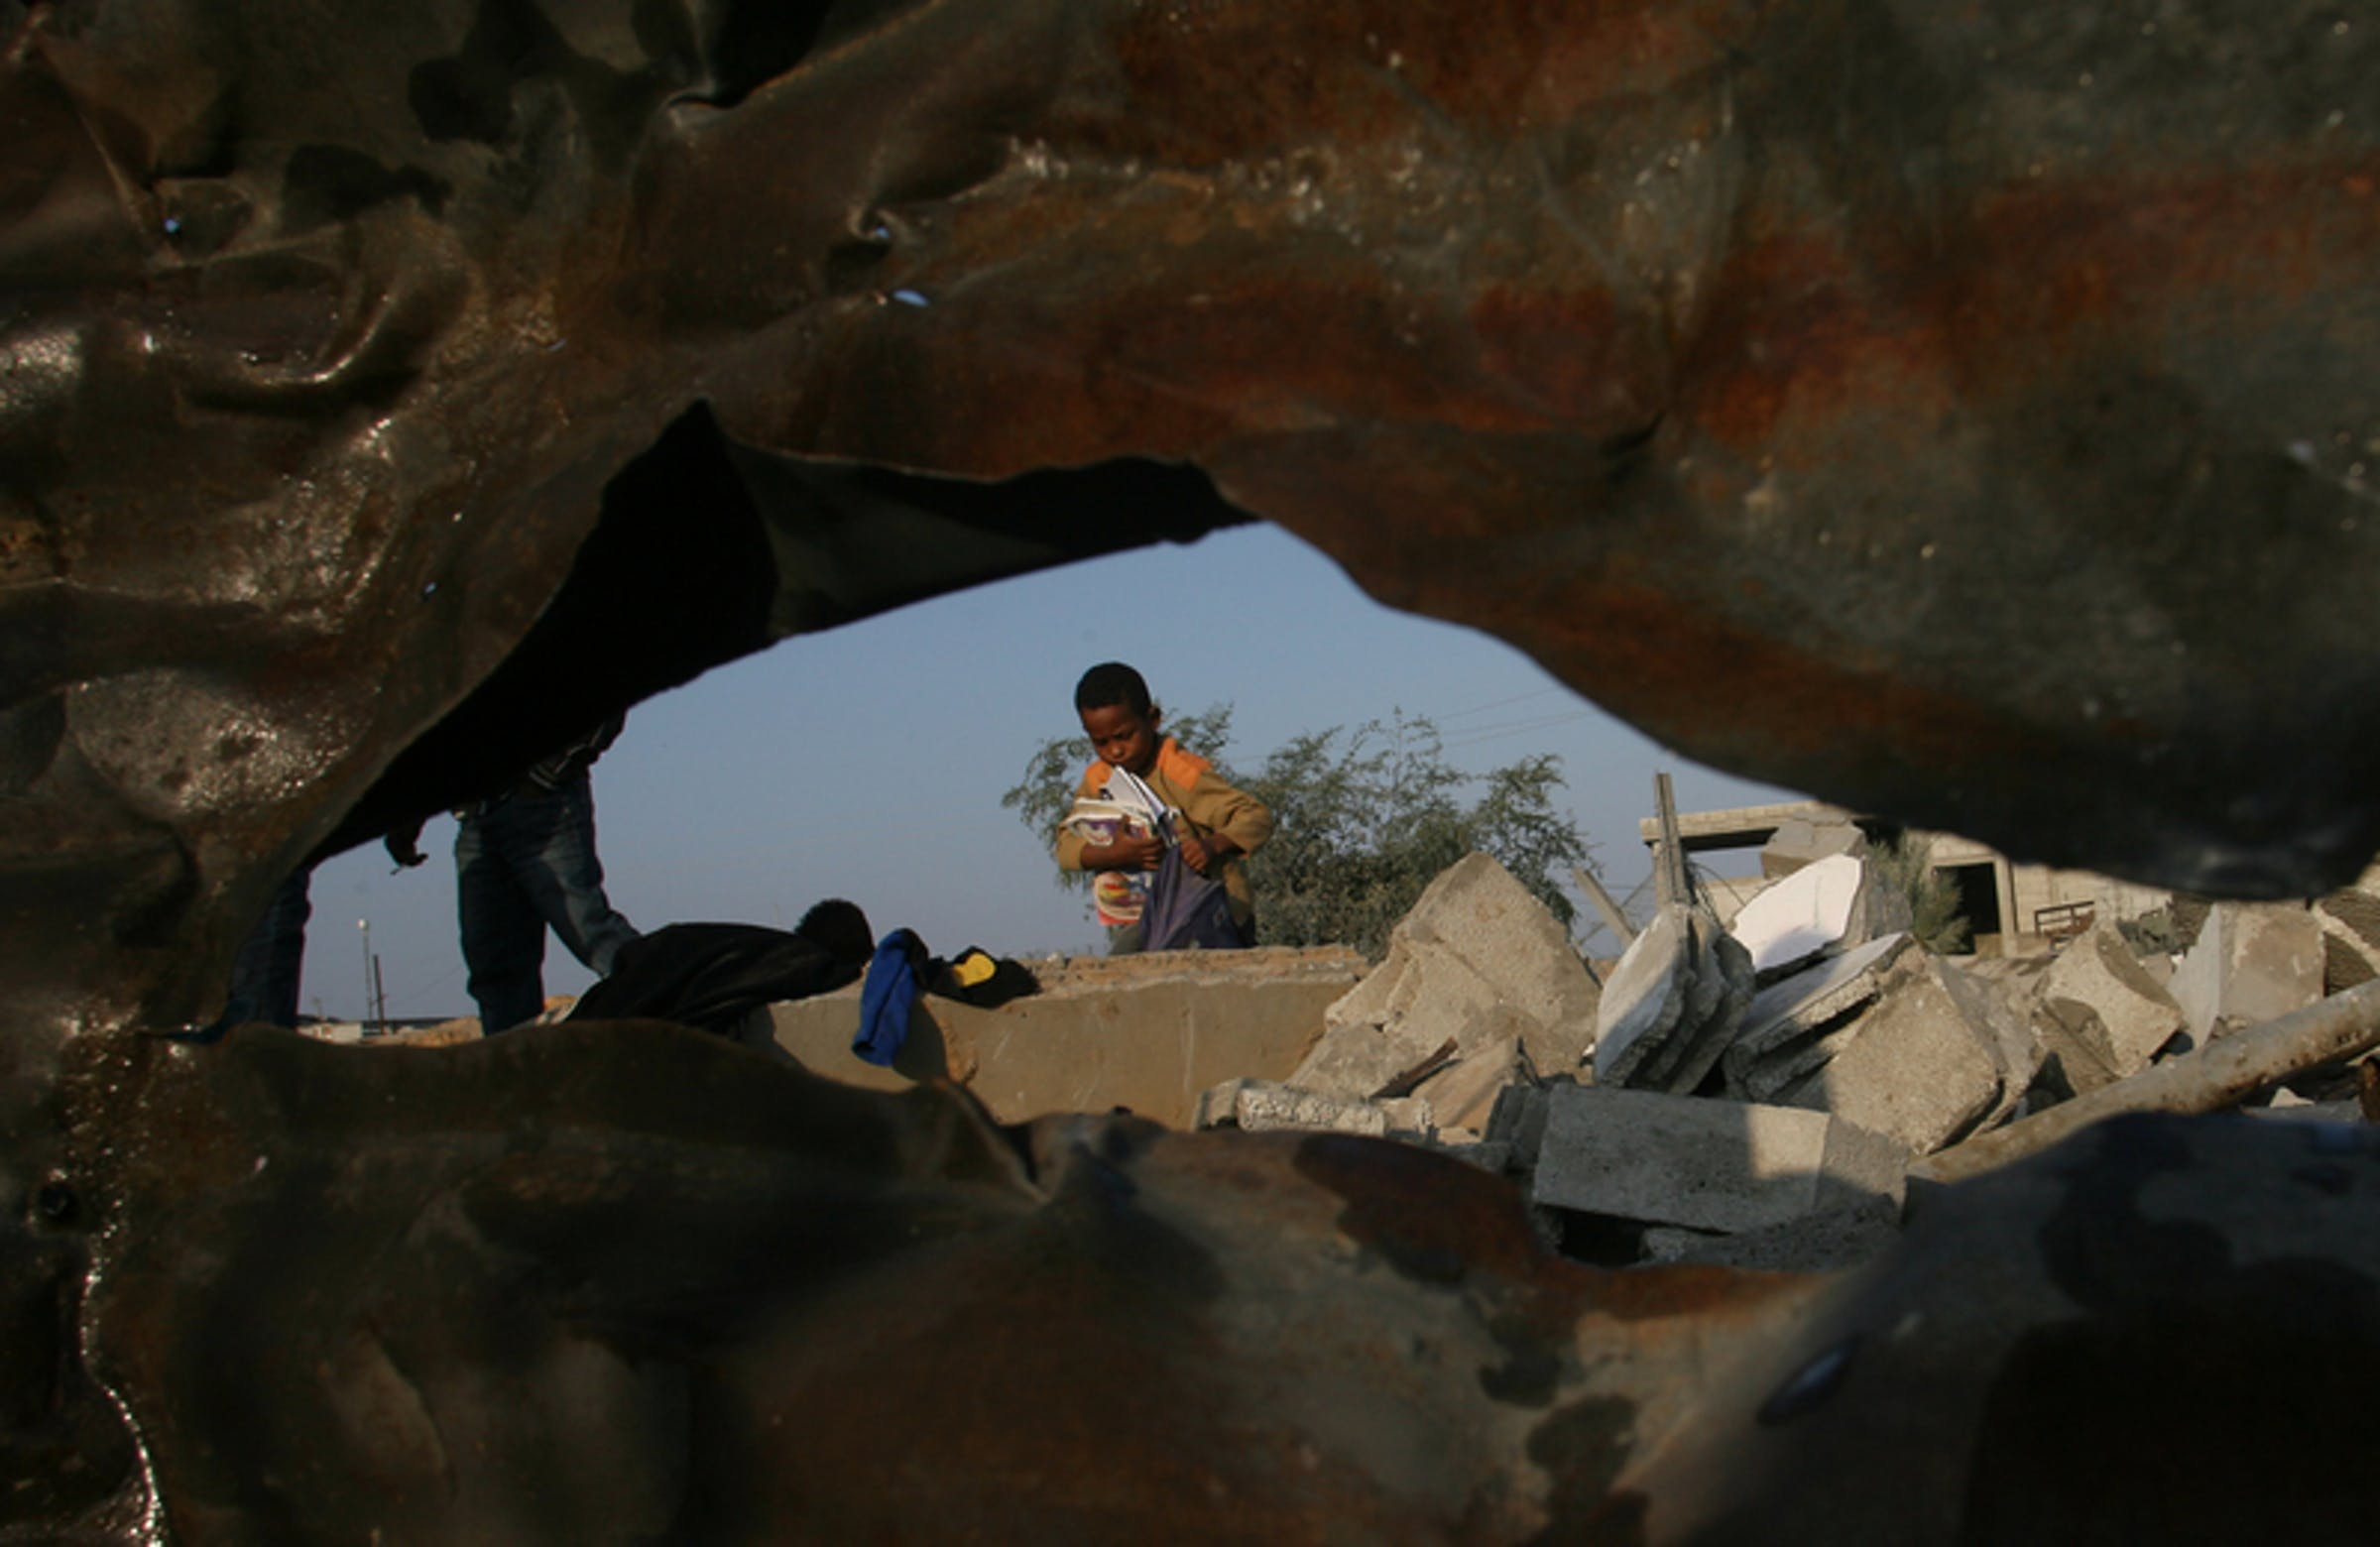 Ahmed (8 anni) recupera libri di scuola e vestiti tra le macerie della sua casa, rimasta distrutta dopo un raid aereo israeliano, nel villaggio di Khan Younis, nel sud della Striscia di Gaza - ©UNICEF/NYHQ2012-1580/El Baba